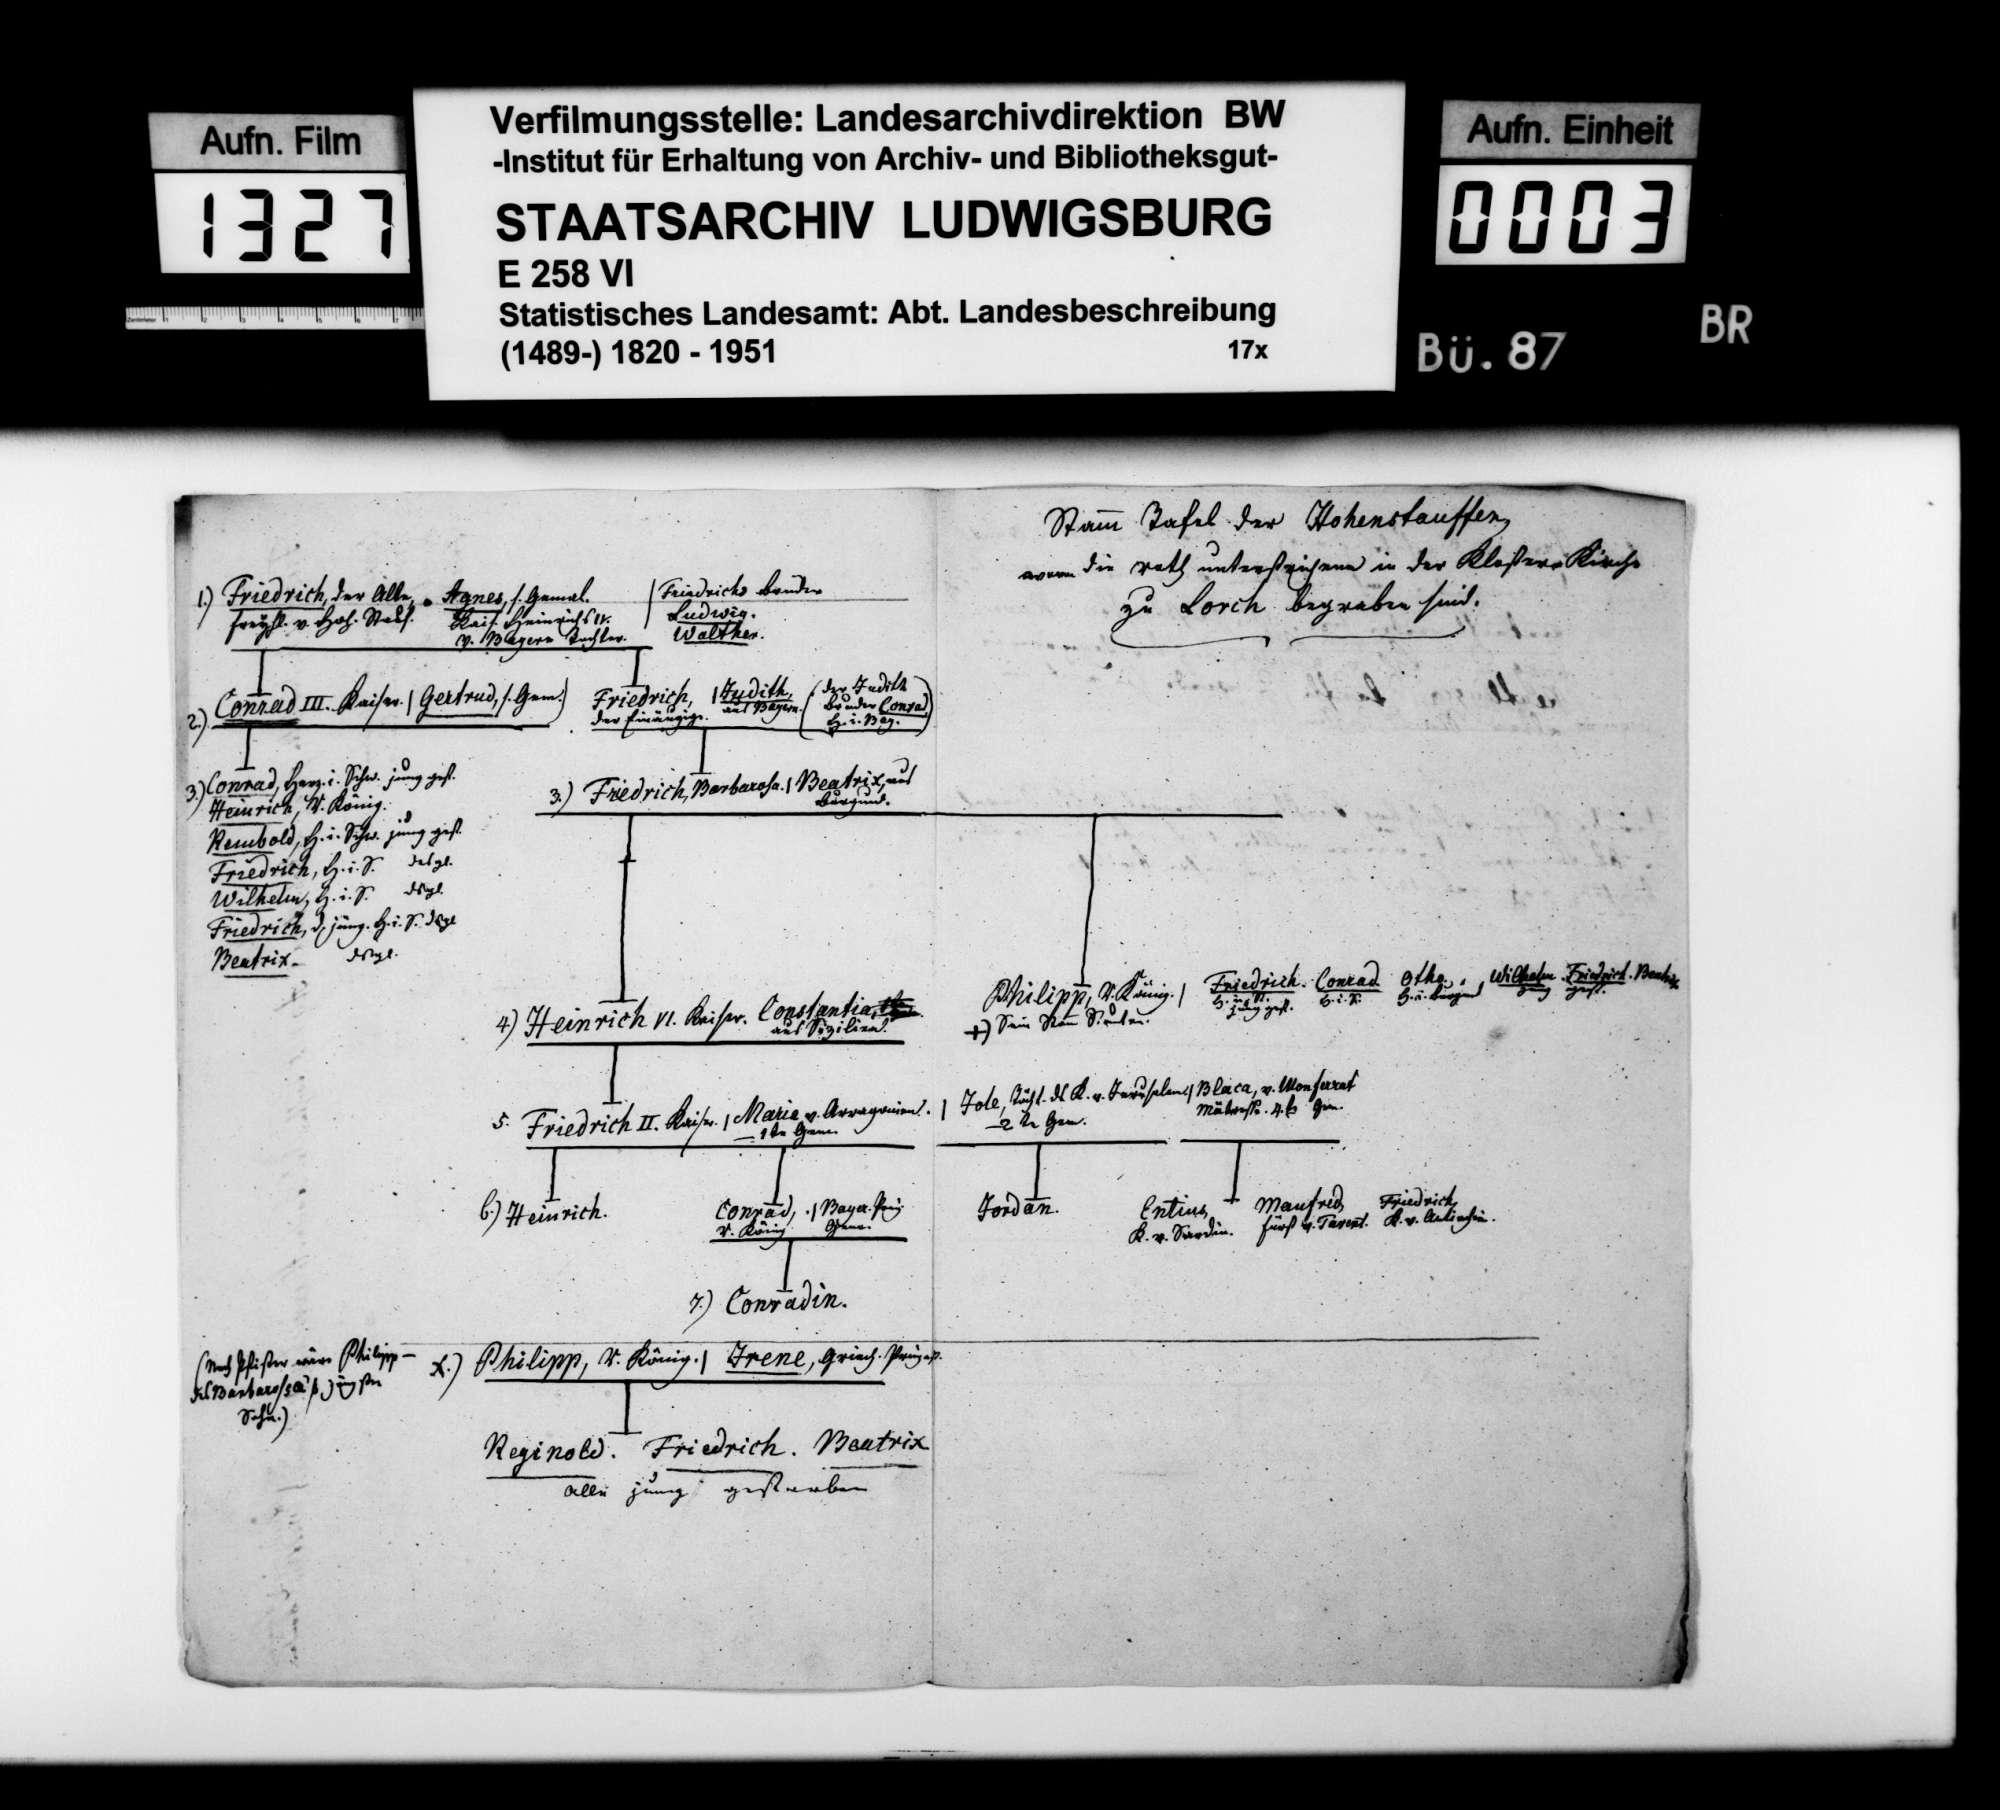 Verschiedenes Material [des Kupferstechers August Seyffer] zu den württembergischen Altertümern, Bild 2